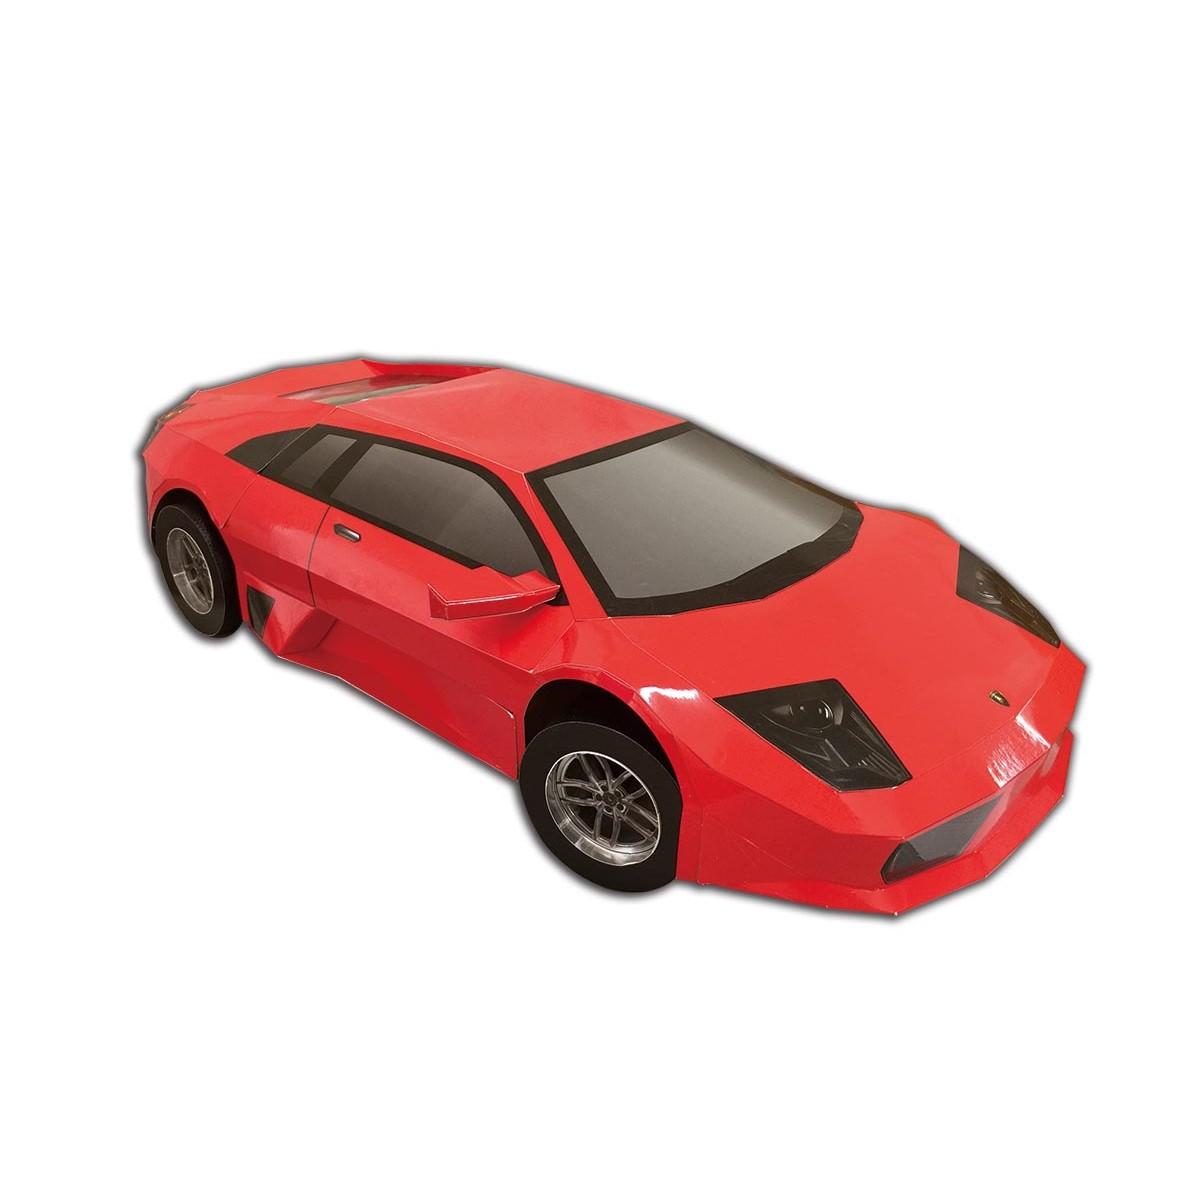 藍寶堅尼紅色跑車一台